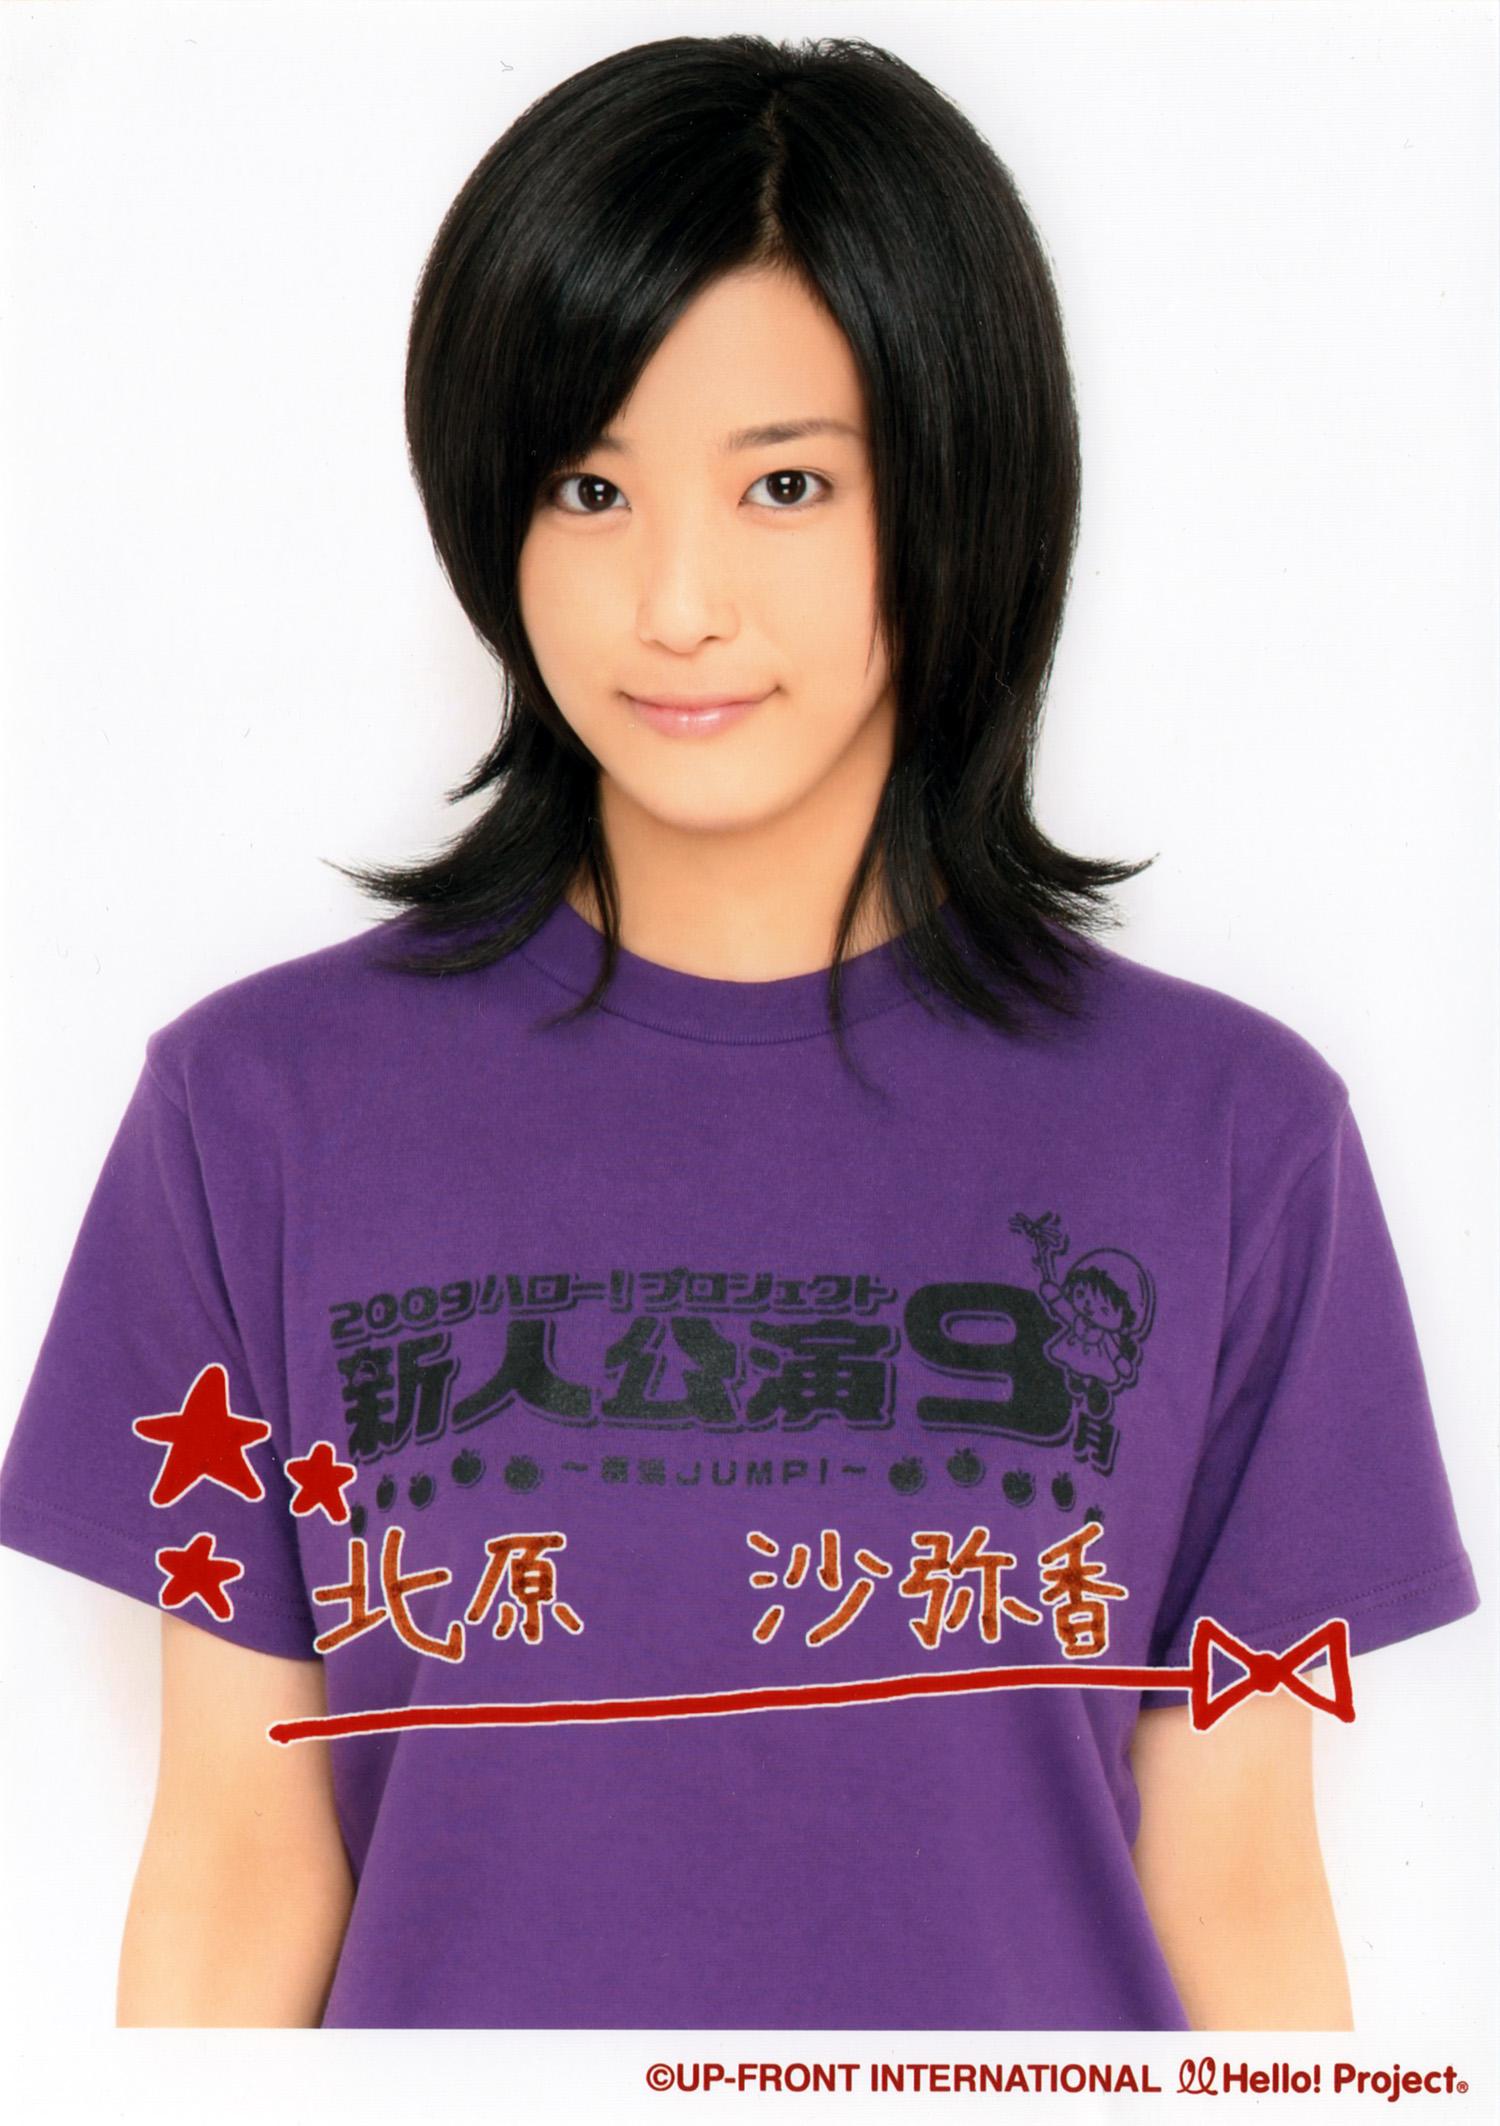 2009-10-02 - 北原沙弥香応援ブ...